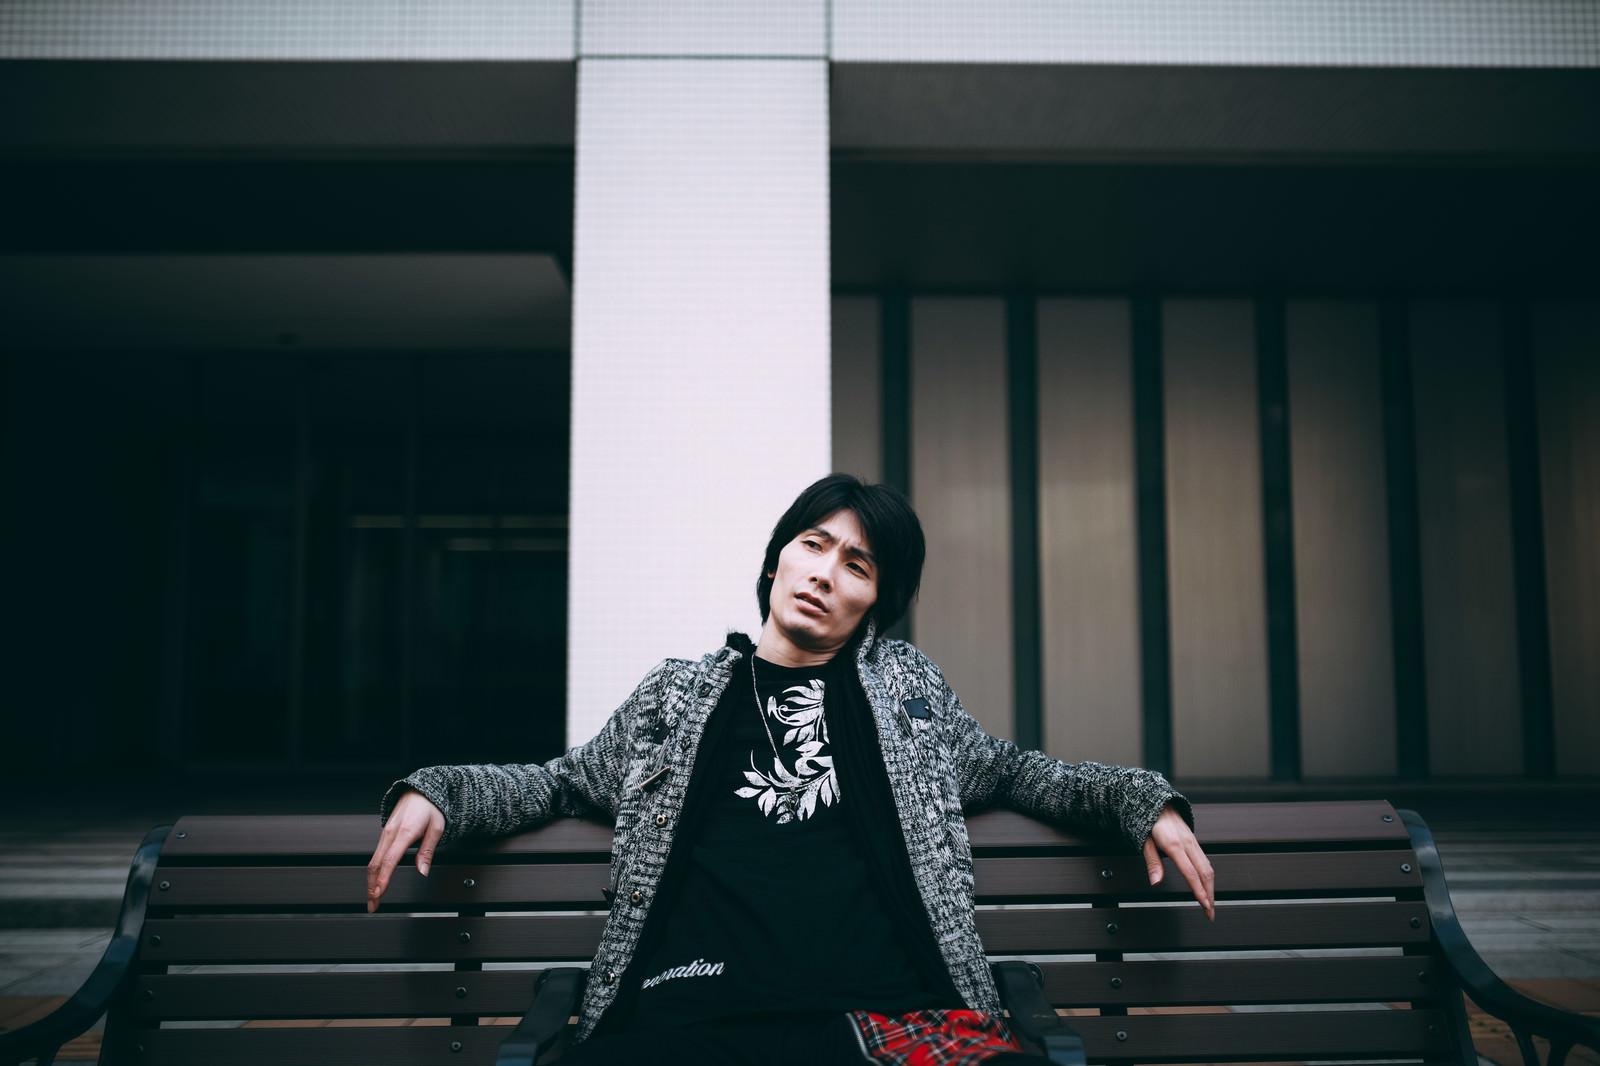 「ベンチで悪態をつく男性」の写真[モデル:ハヤト]